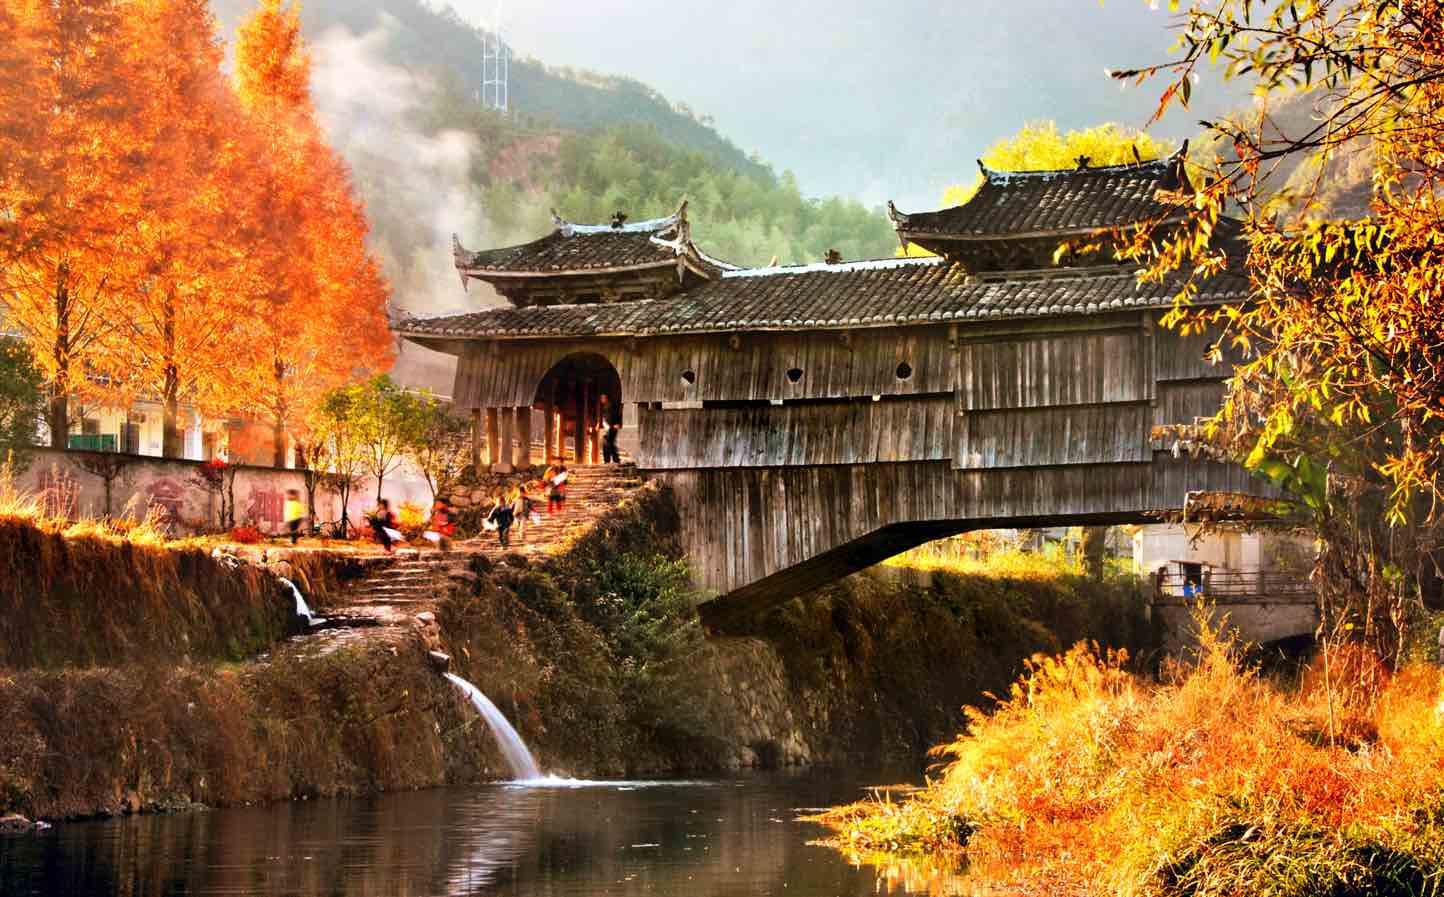 庆元廊桥秋景